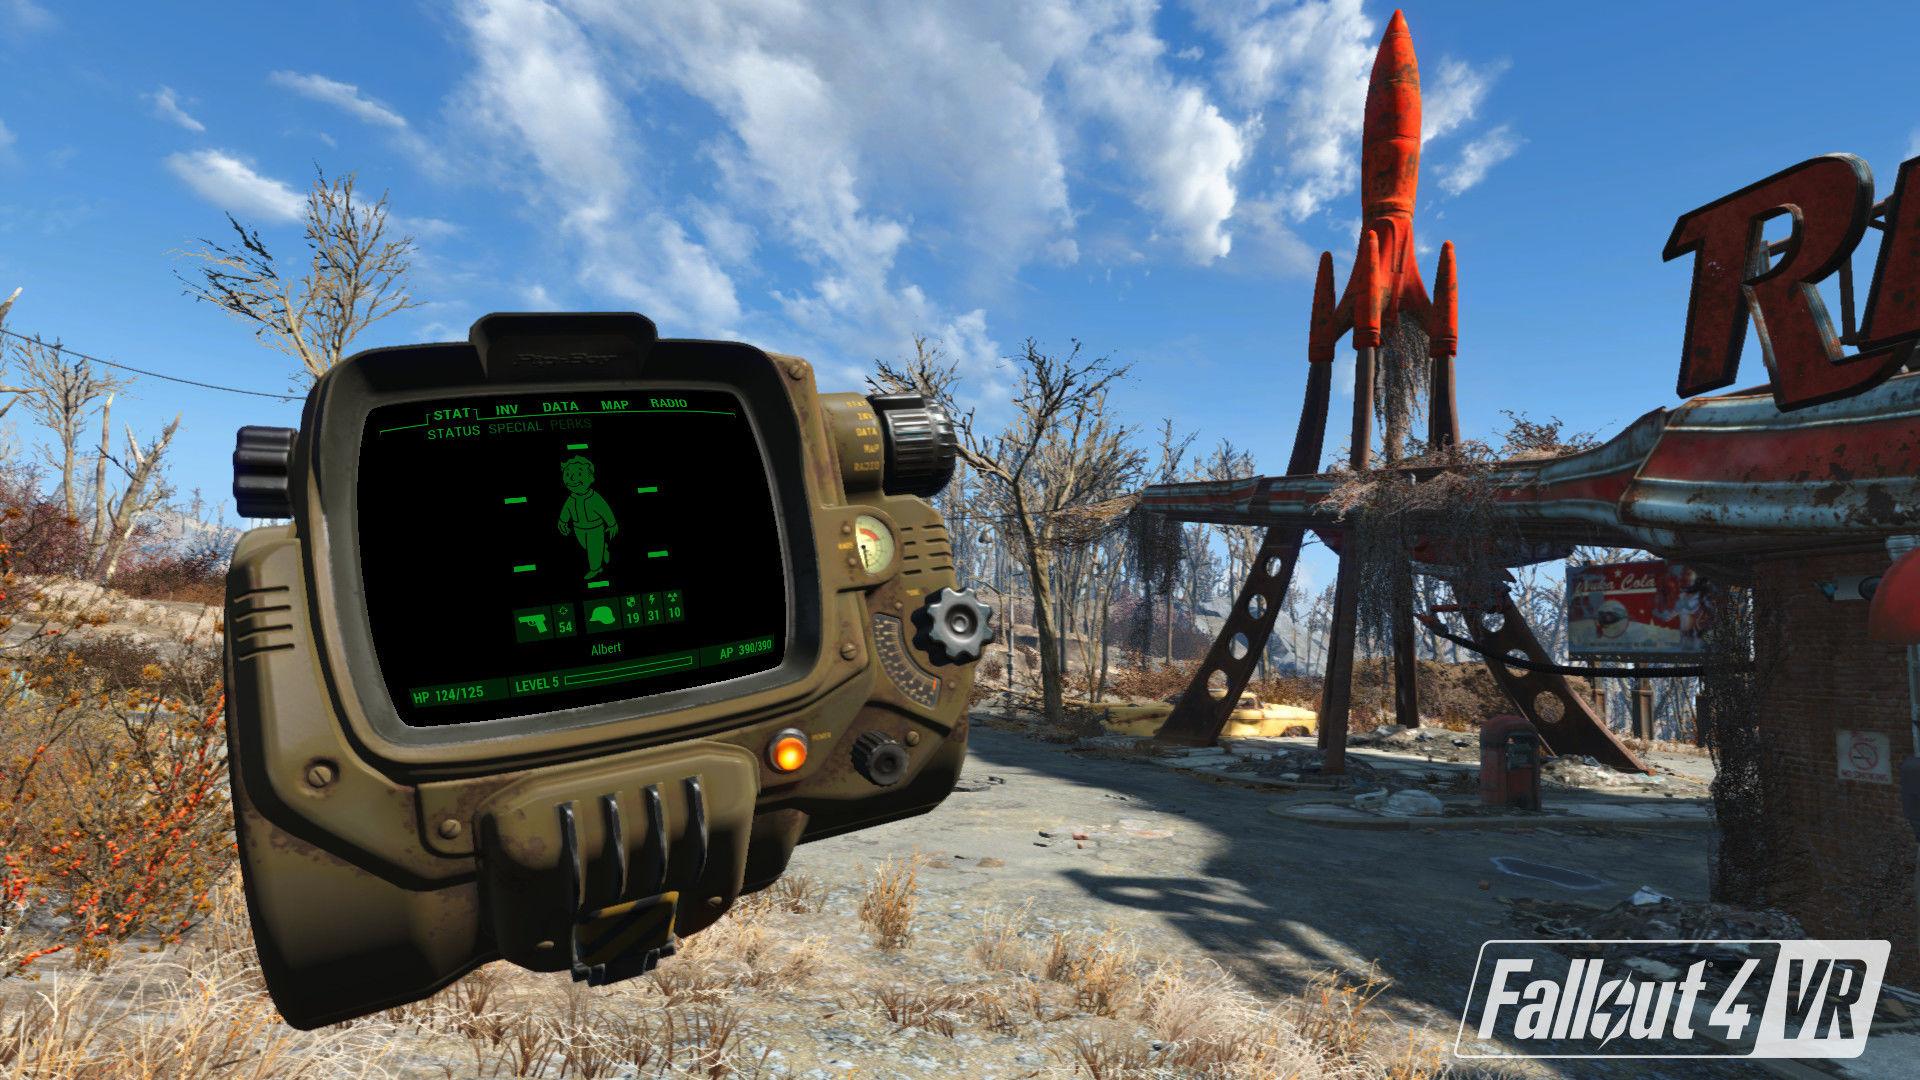 《辐射 4》VR 版体验,这才是「废土世界」的正确打开方式